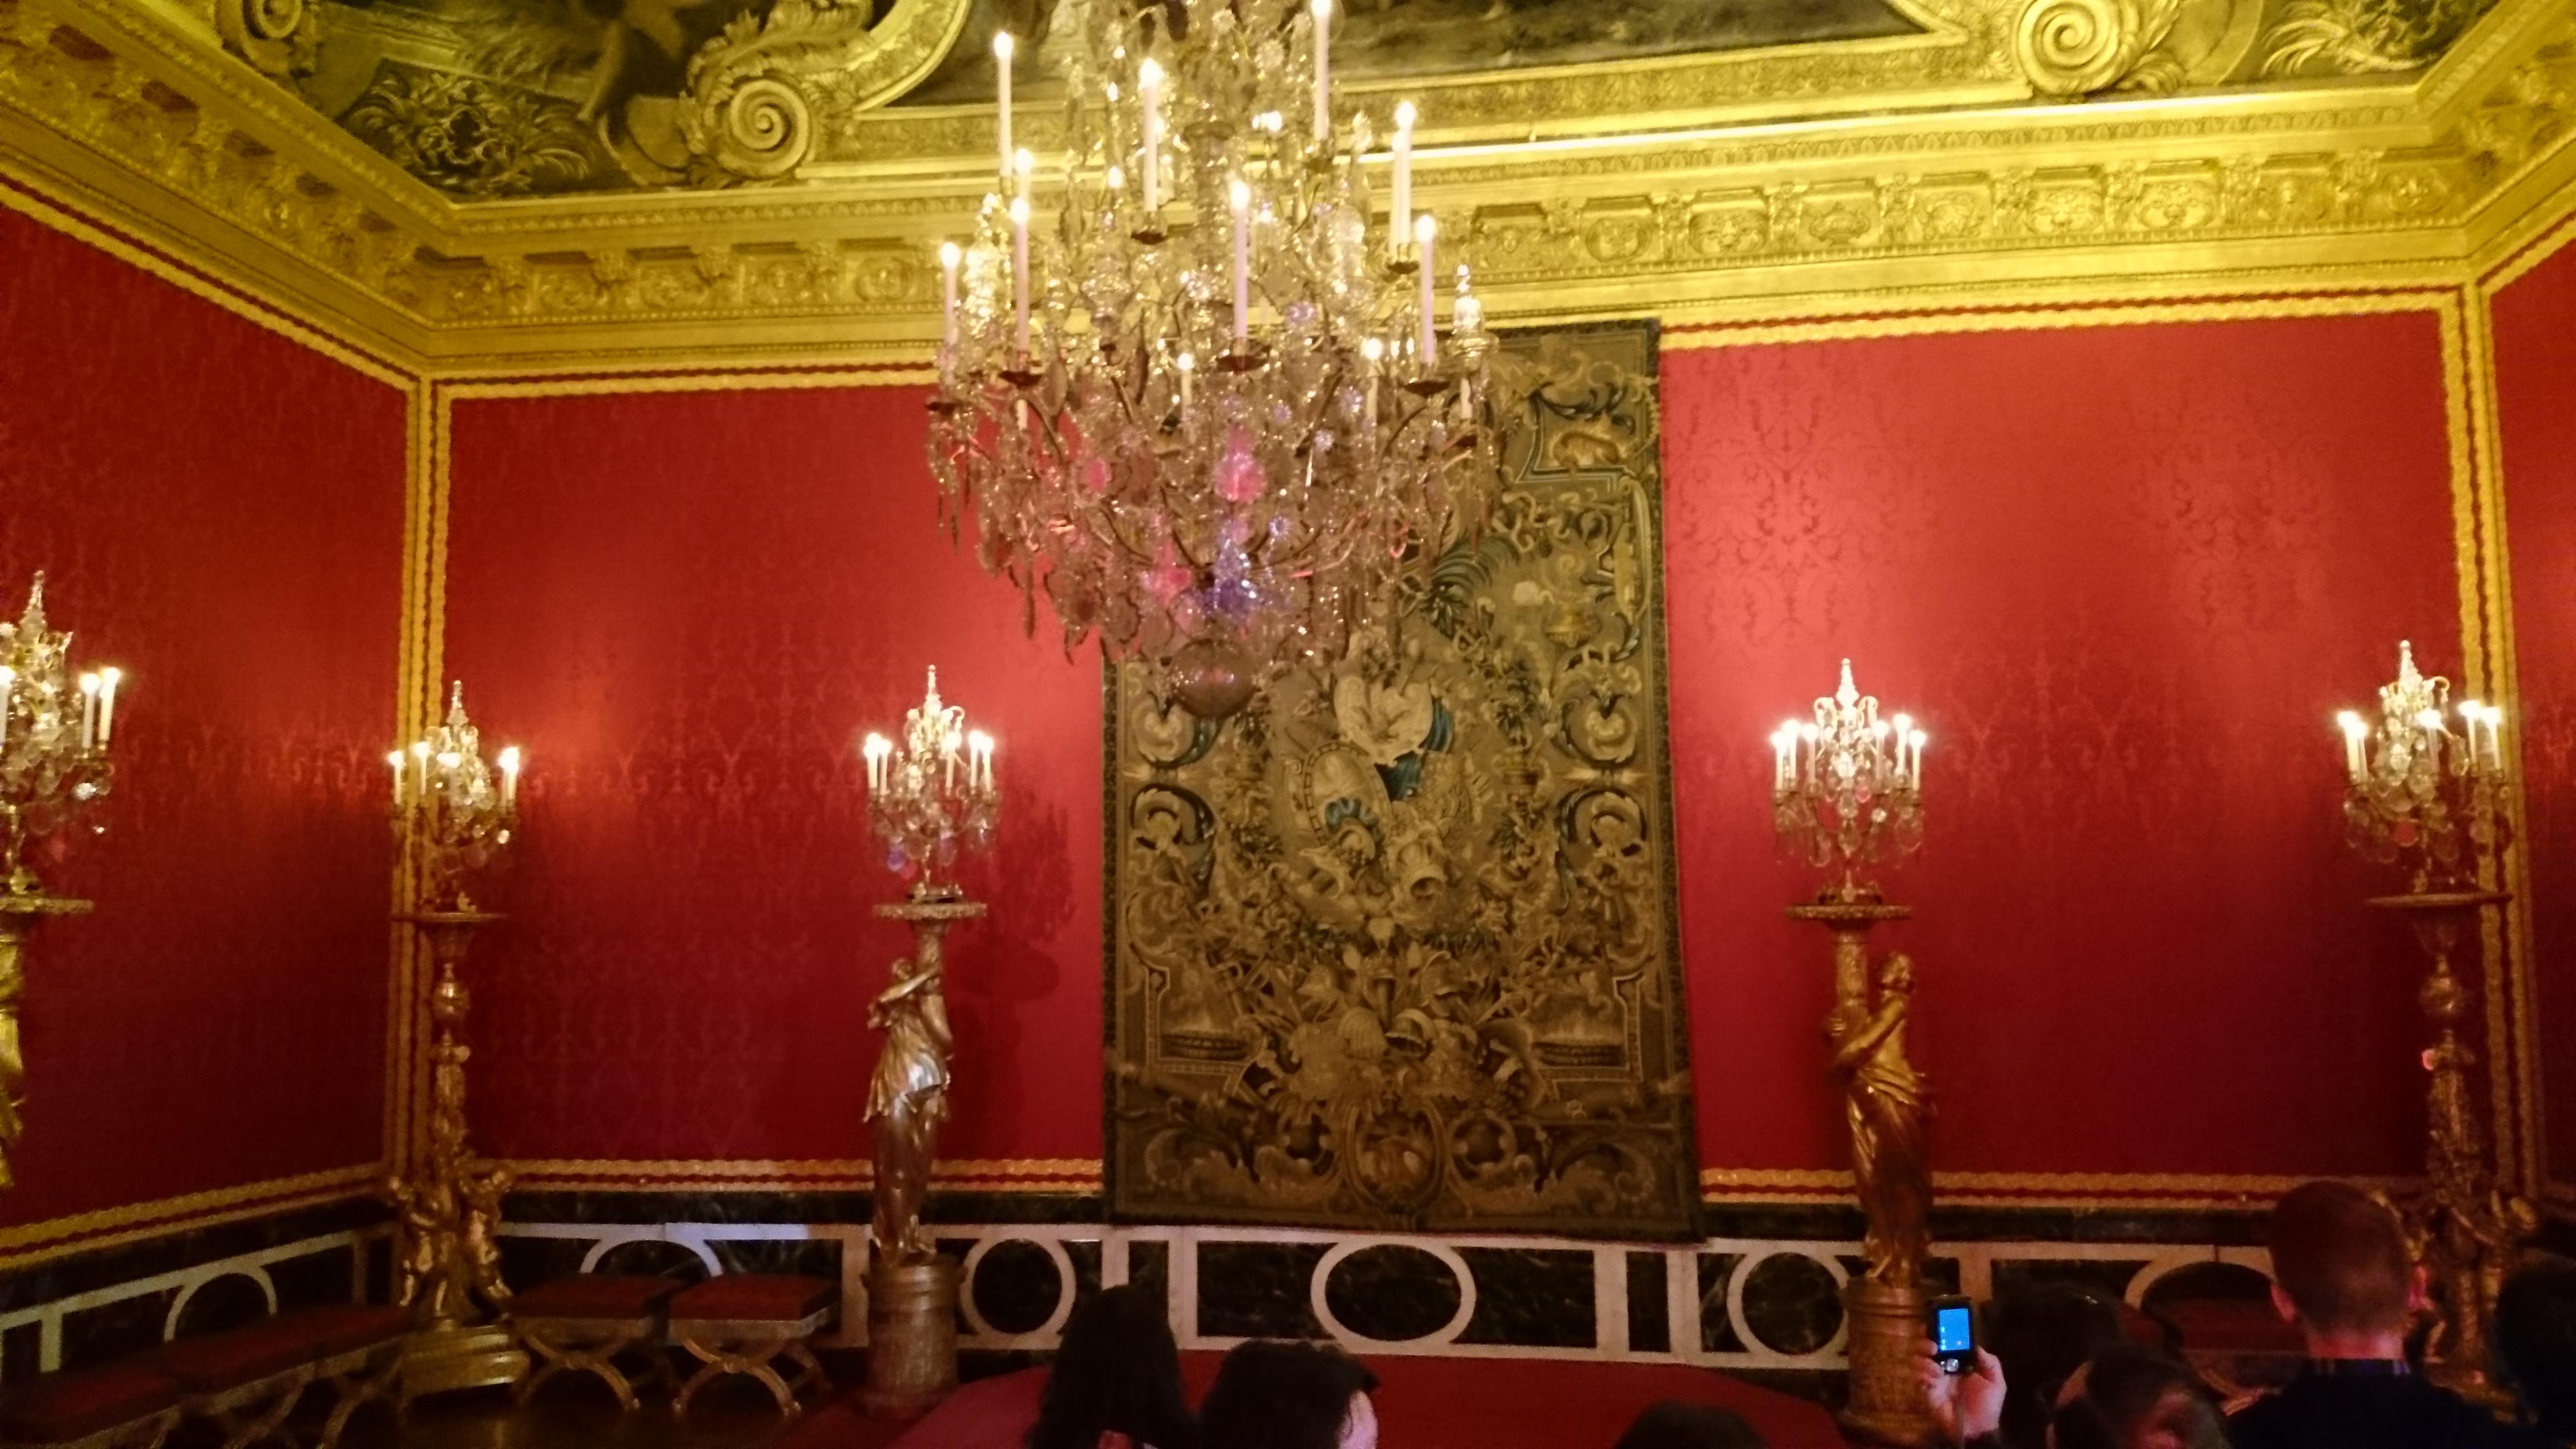 dsc 13601 - Visita al Palacio de Versalles: Como ir, cuanto cuesta y tips III/III